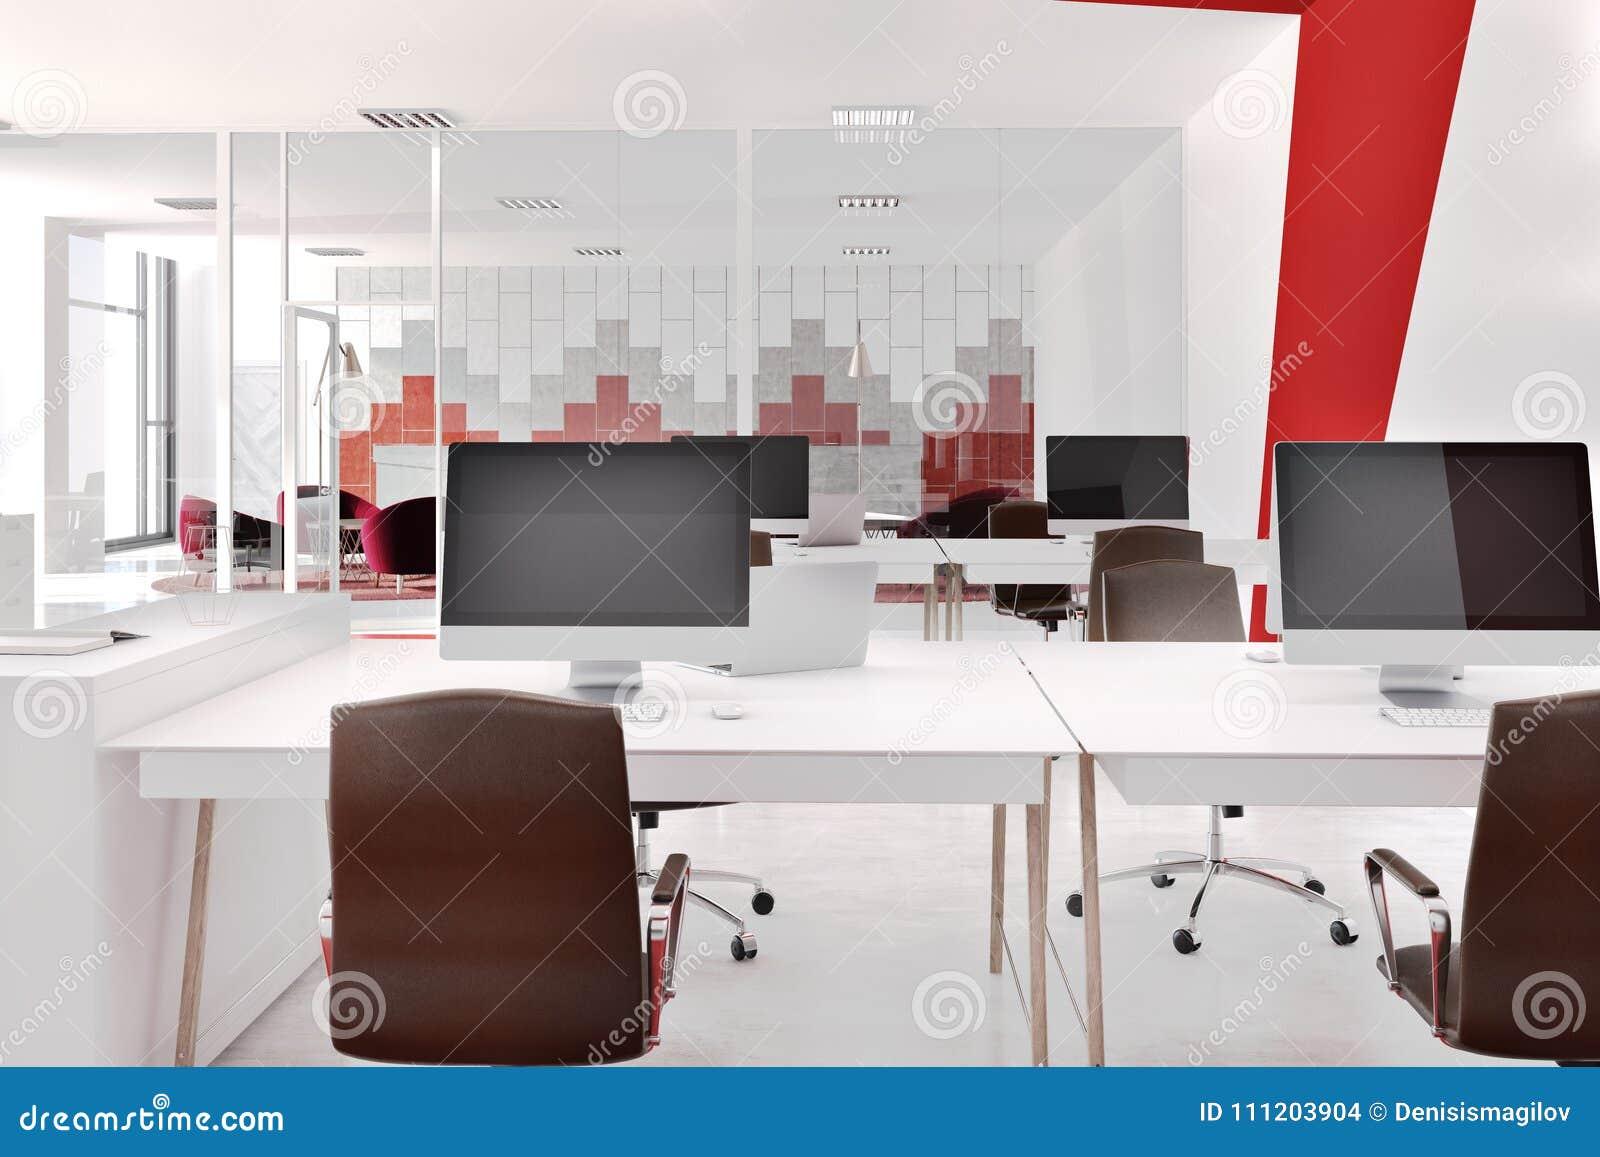 Ufficio Rosso E Bianco : Ufficio moderno rosso e bianco anteriore illustrazione di stock